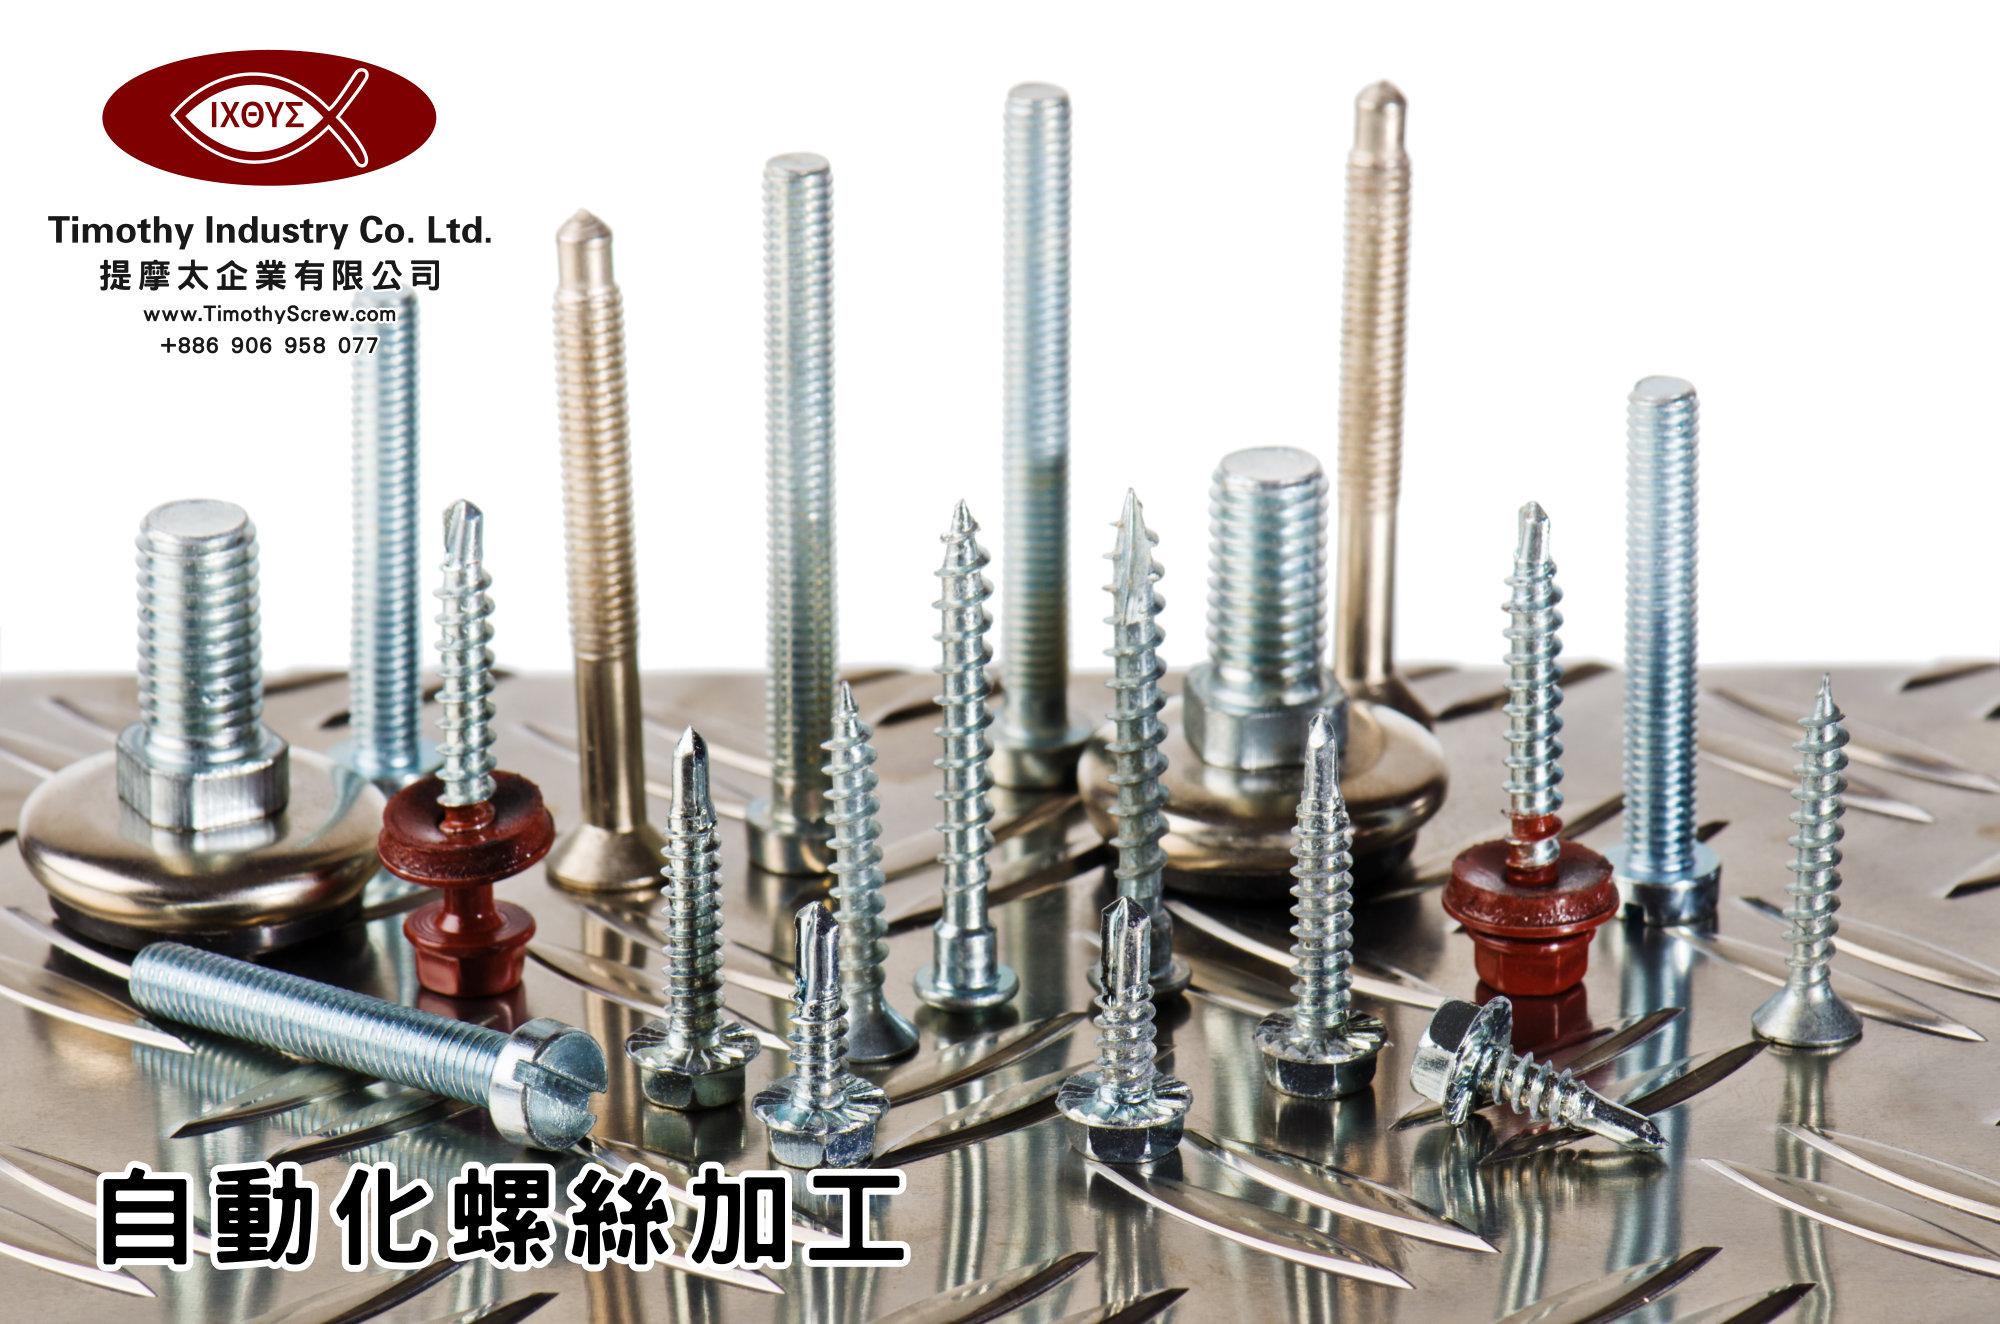 提摩太企業有限公司 Timothy Industry Co Ltd 自動化螺絲加工 車床部 銑床部 台灣自動化螺絲加工 螺絲製造 A25